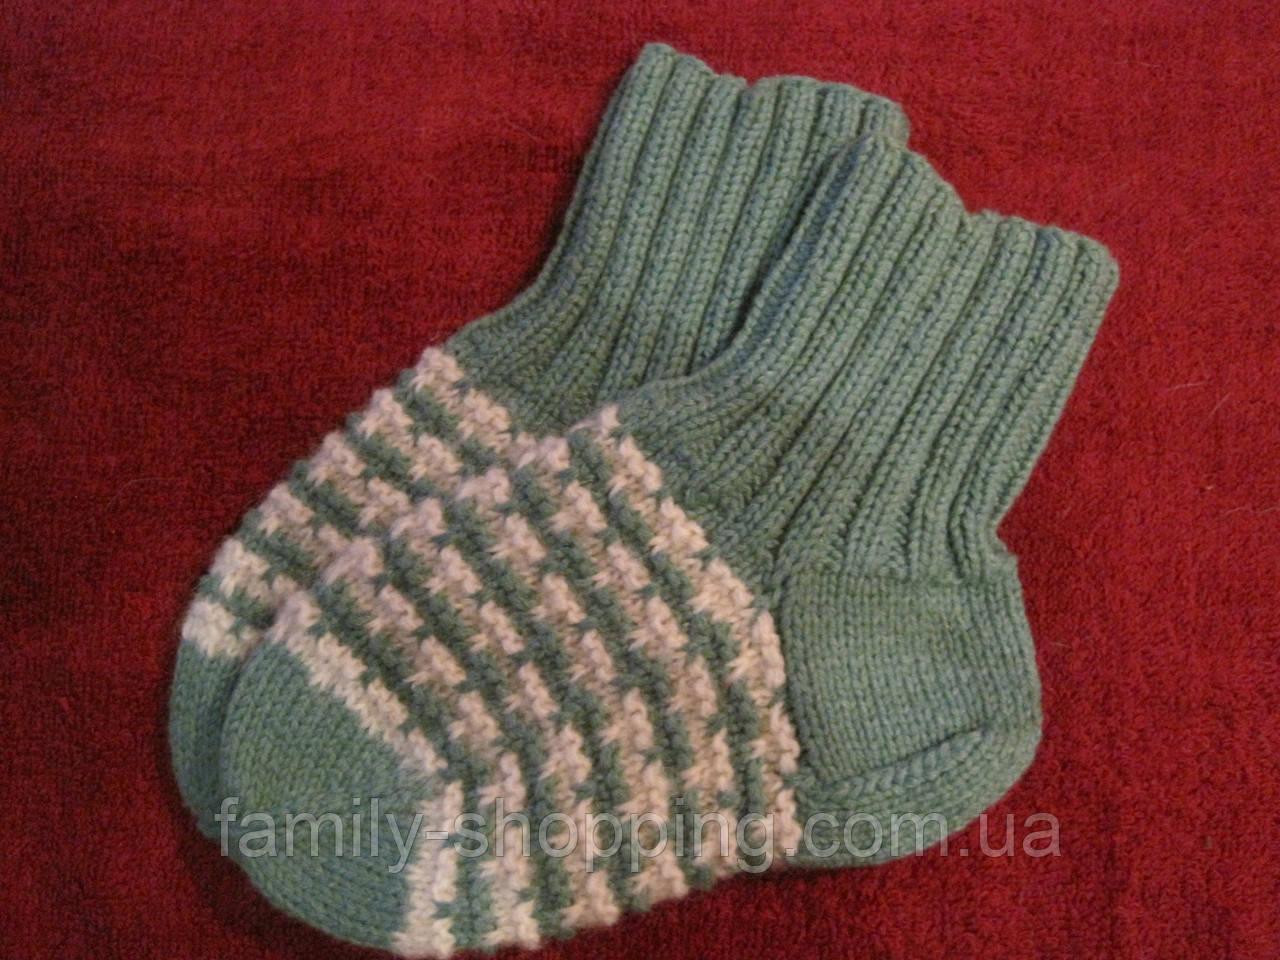 Шкарпетки дитячі футболки ручної роботи, р. 26-27